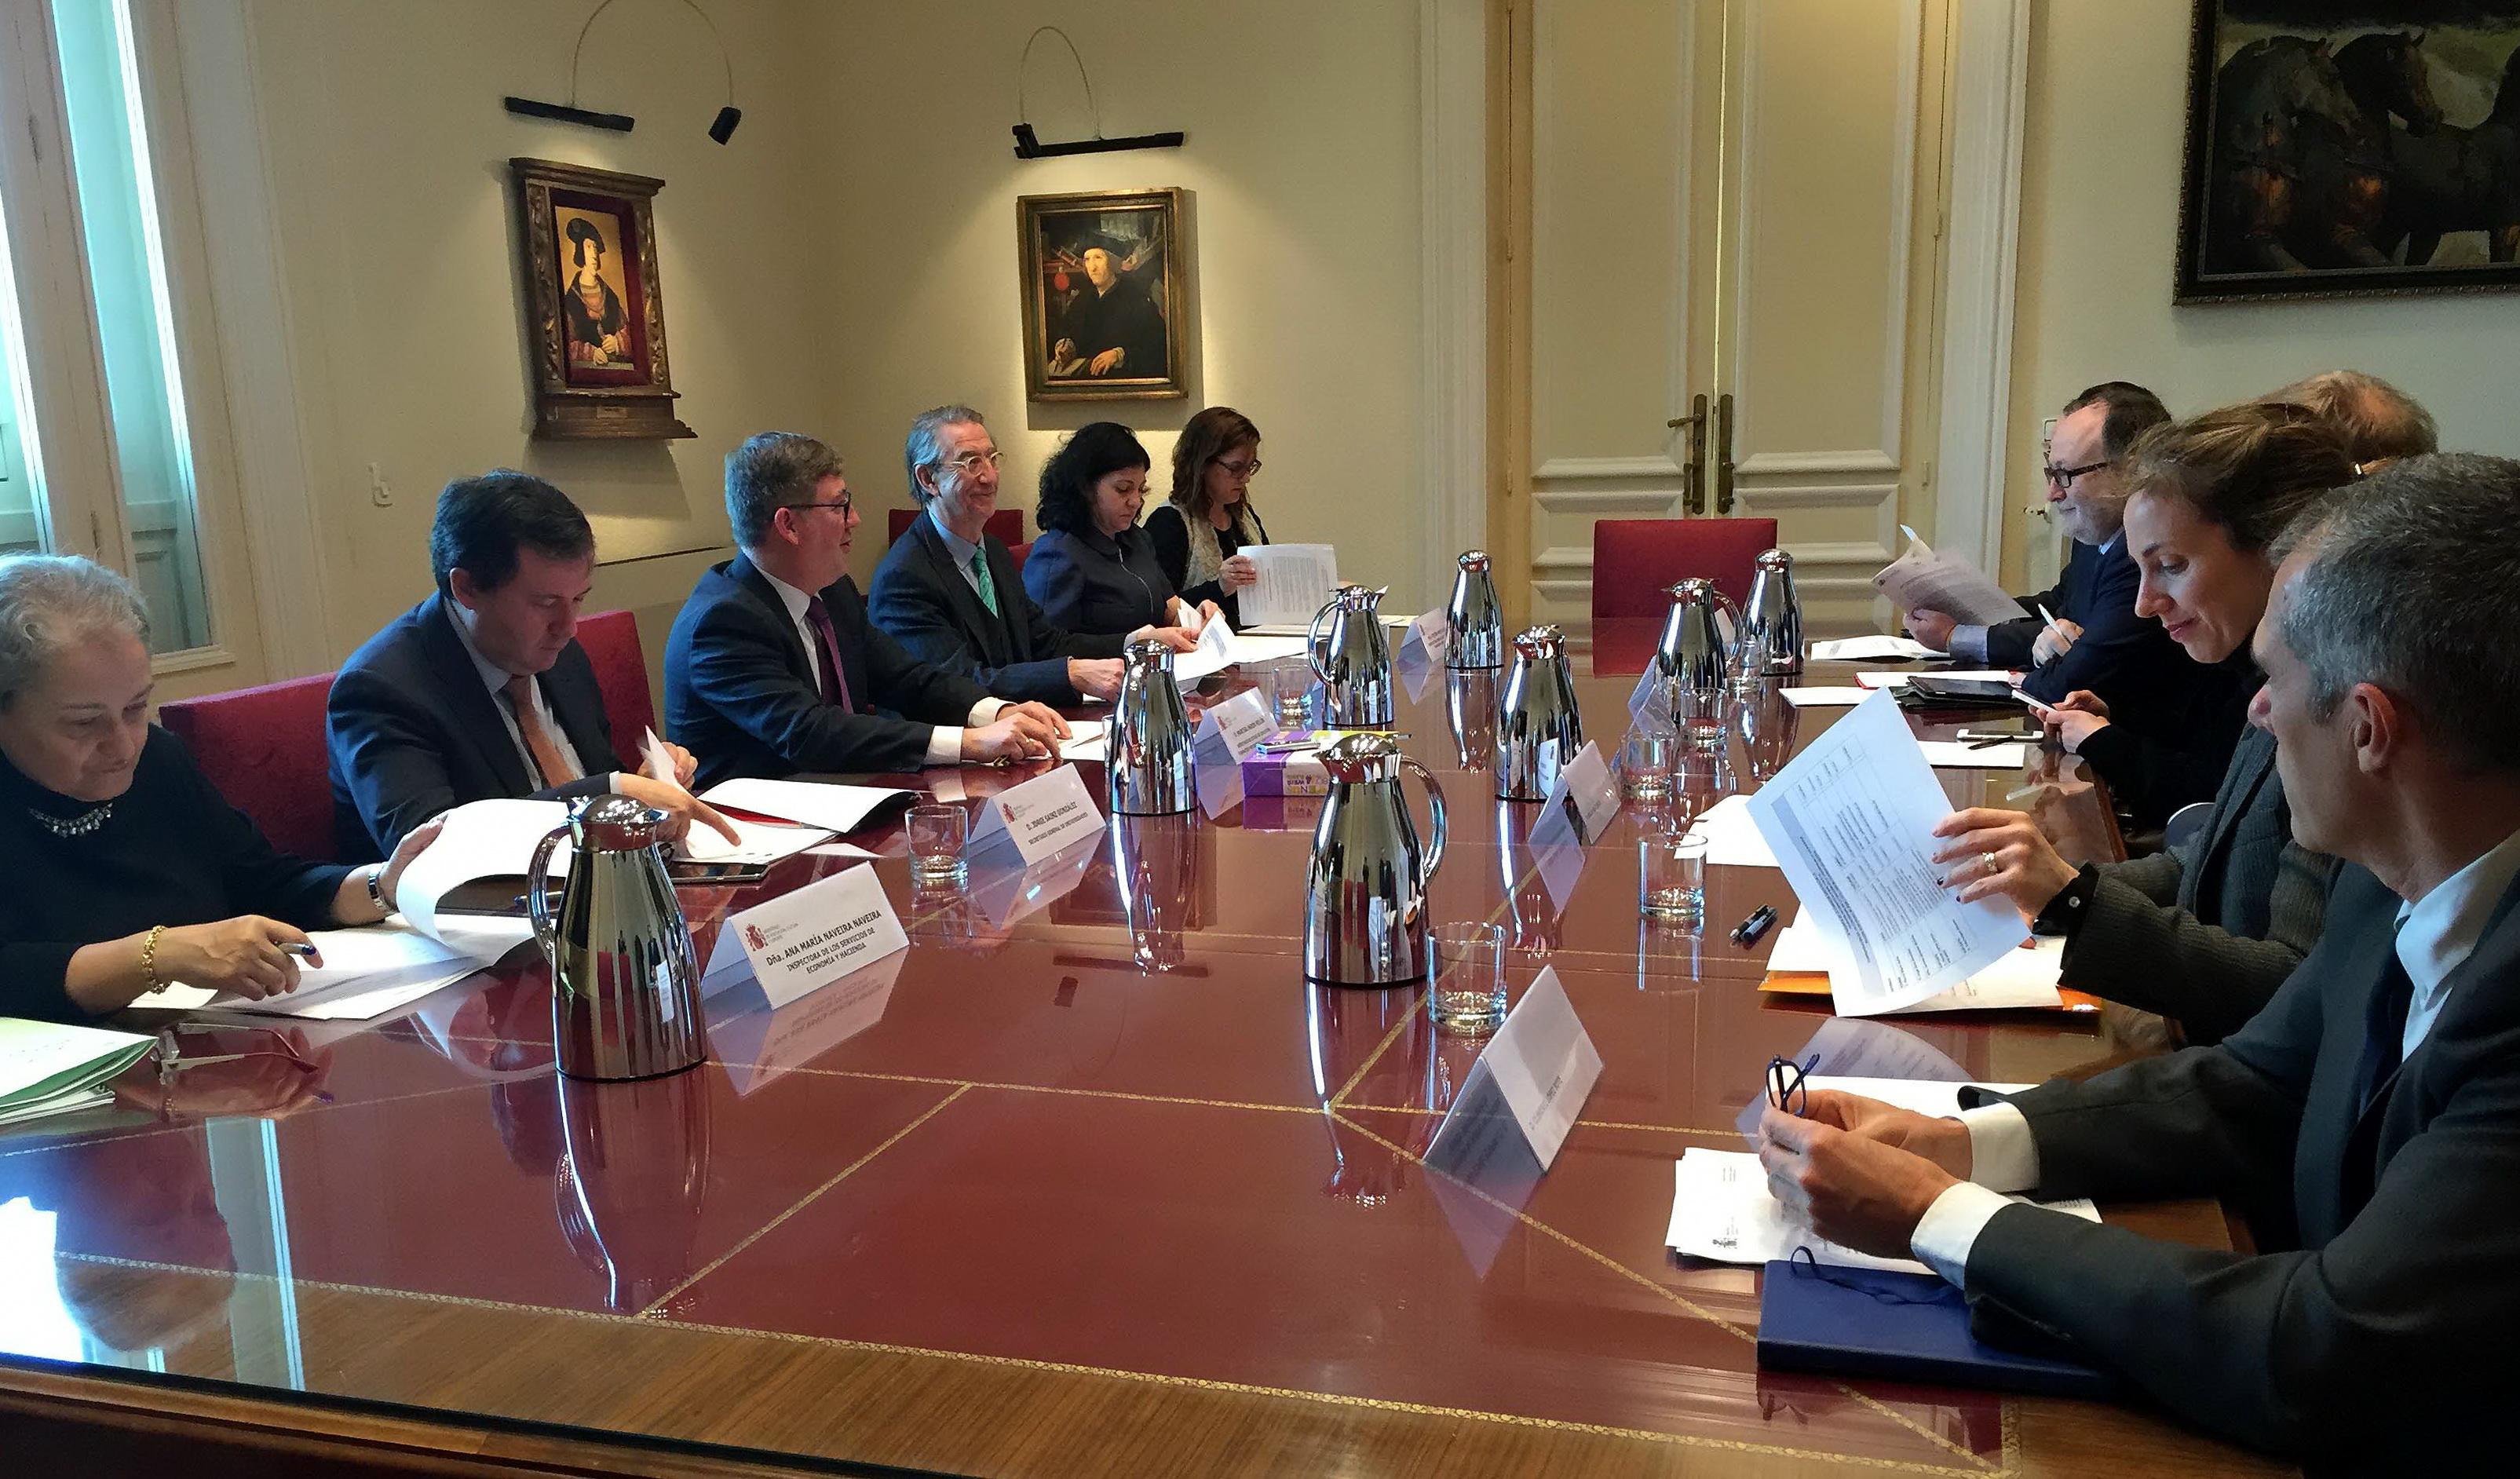 La Comisión Interinstitucional para la conmemoración del VIII Centenario de la creación de la Universidad de Salamanca continúa trabajando en el programa de actividades